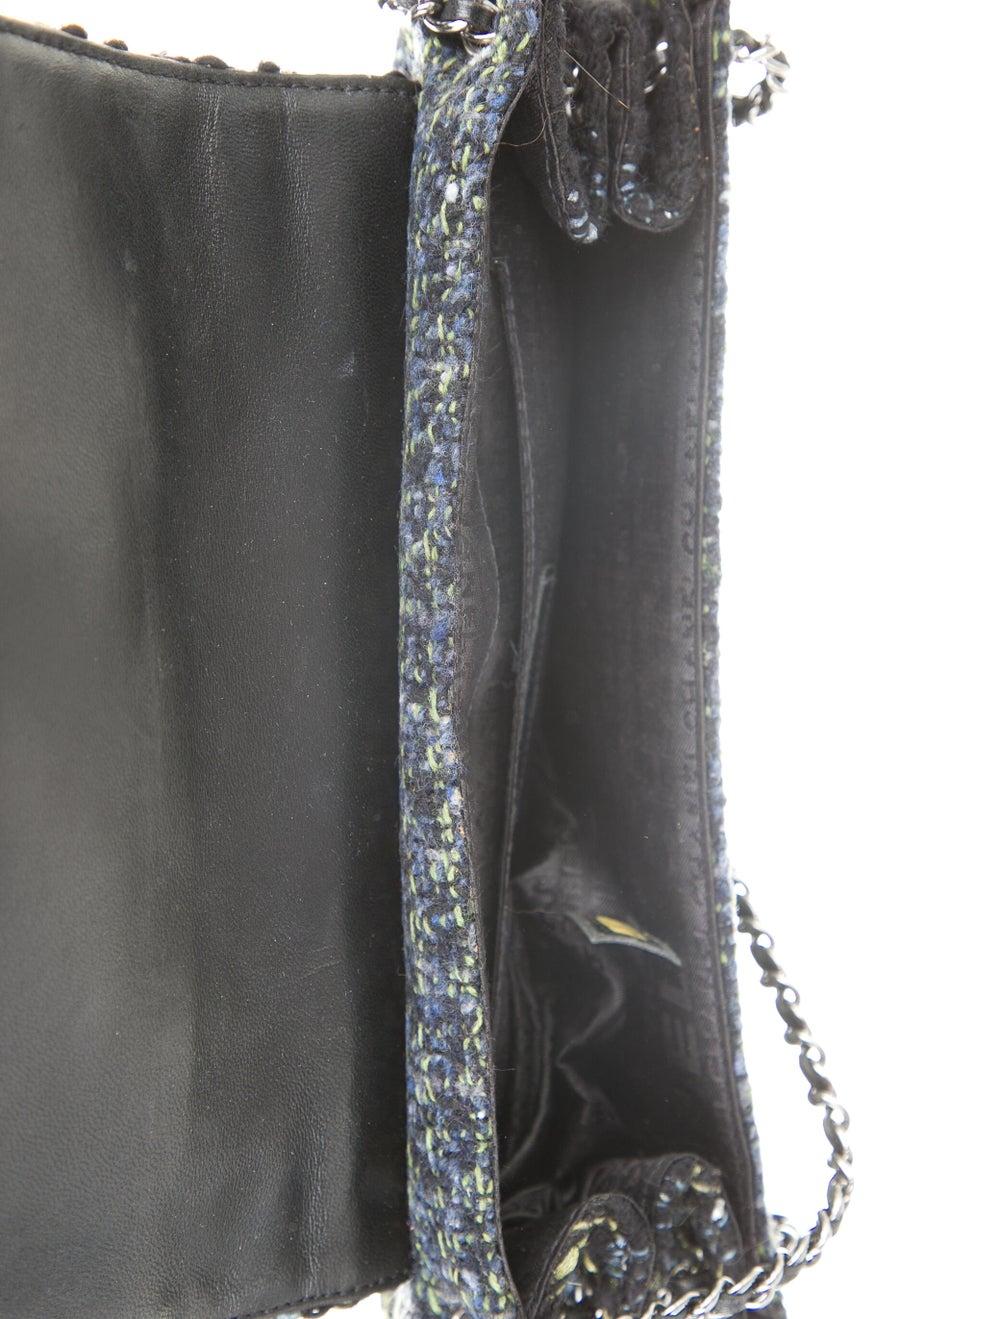 Chanel Tweed Flap Bag Black - image 5